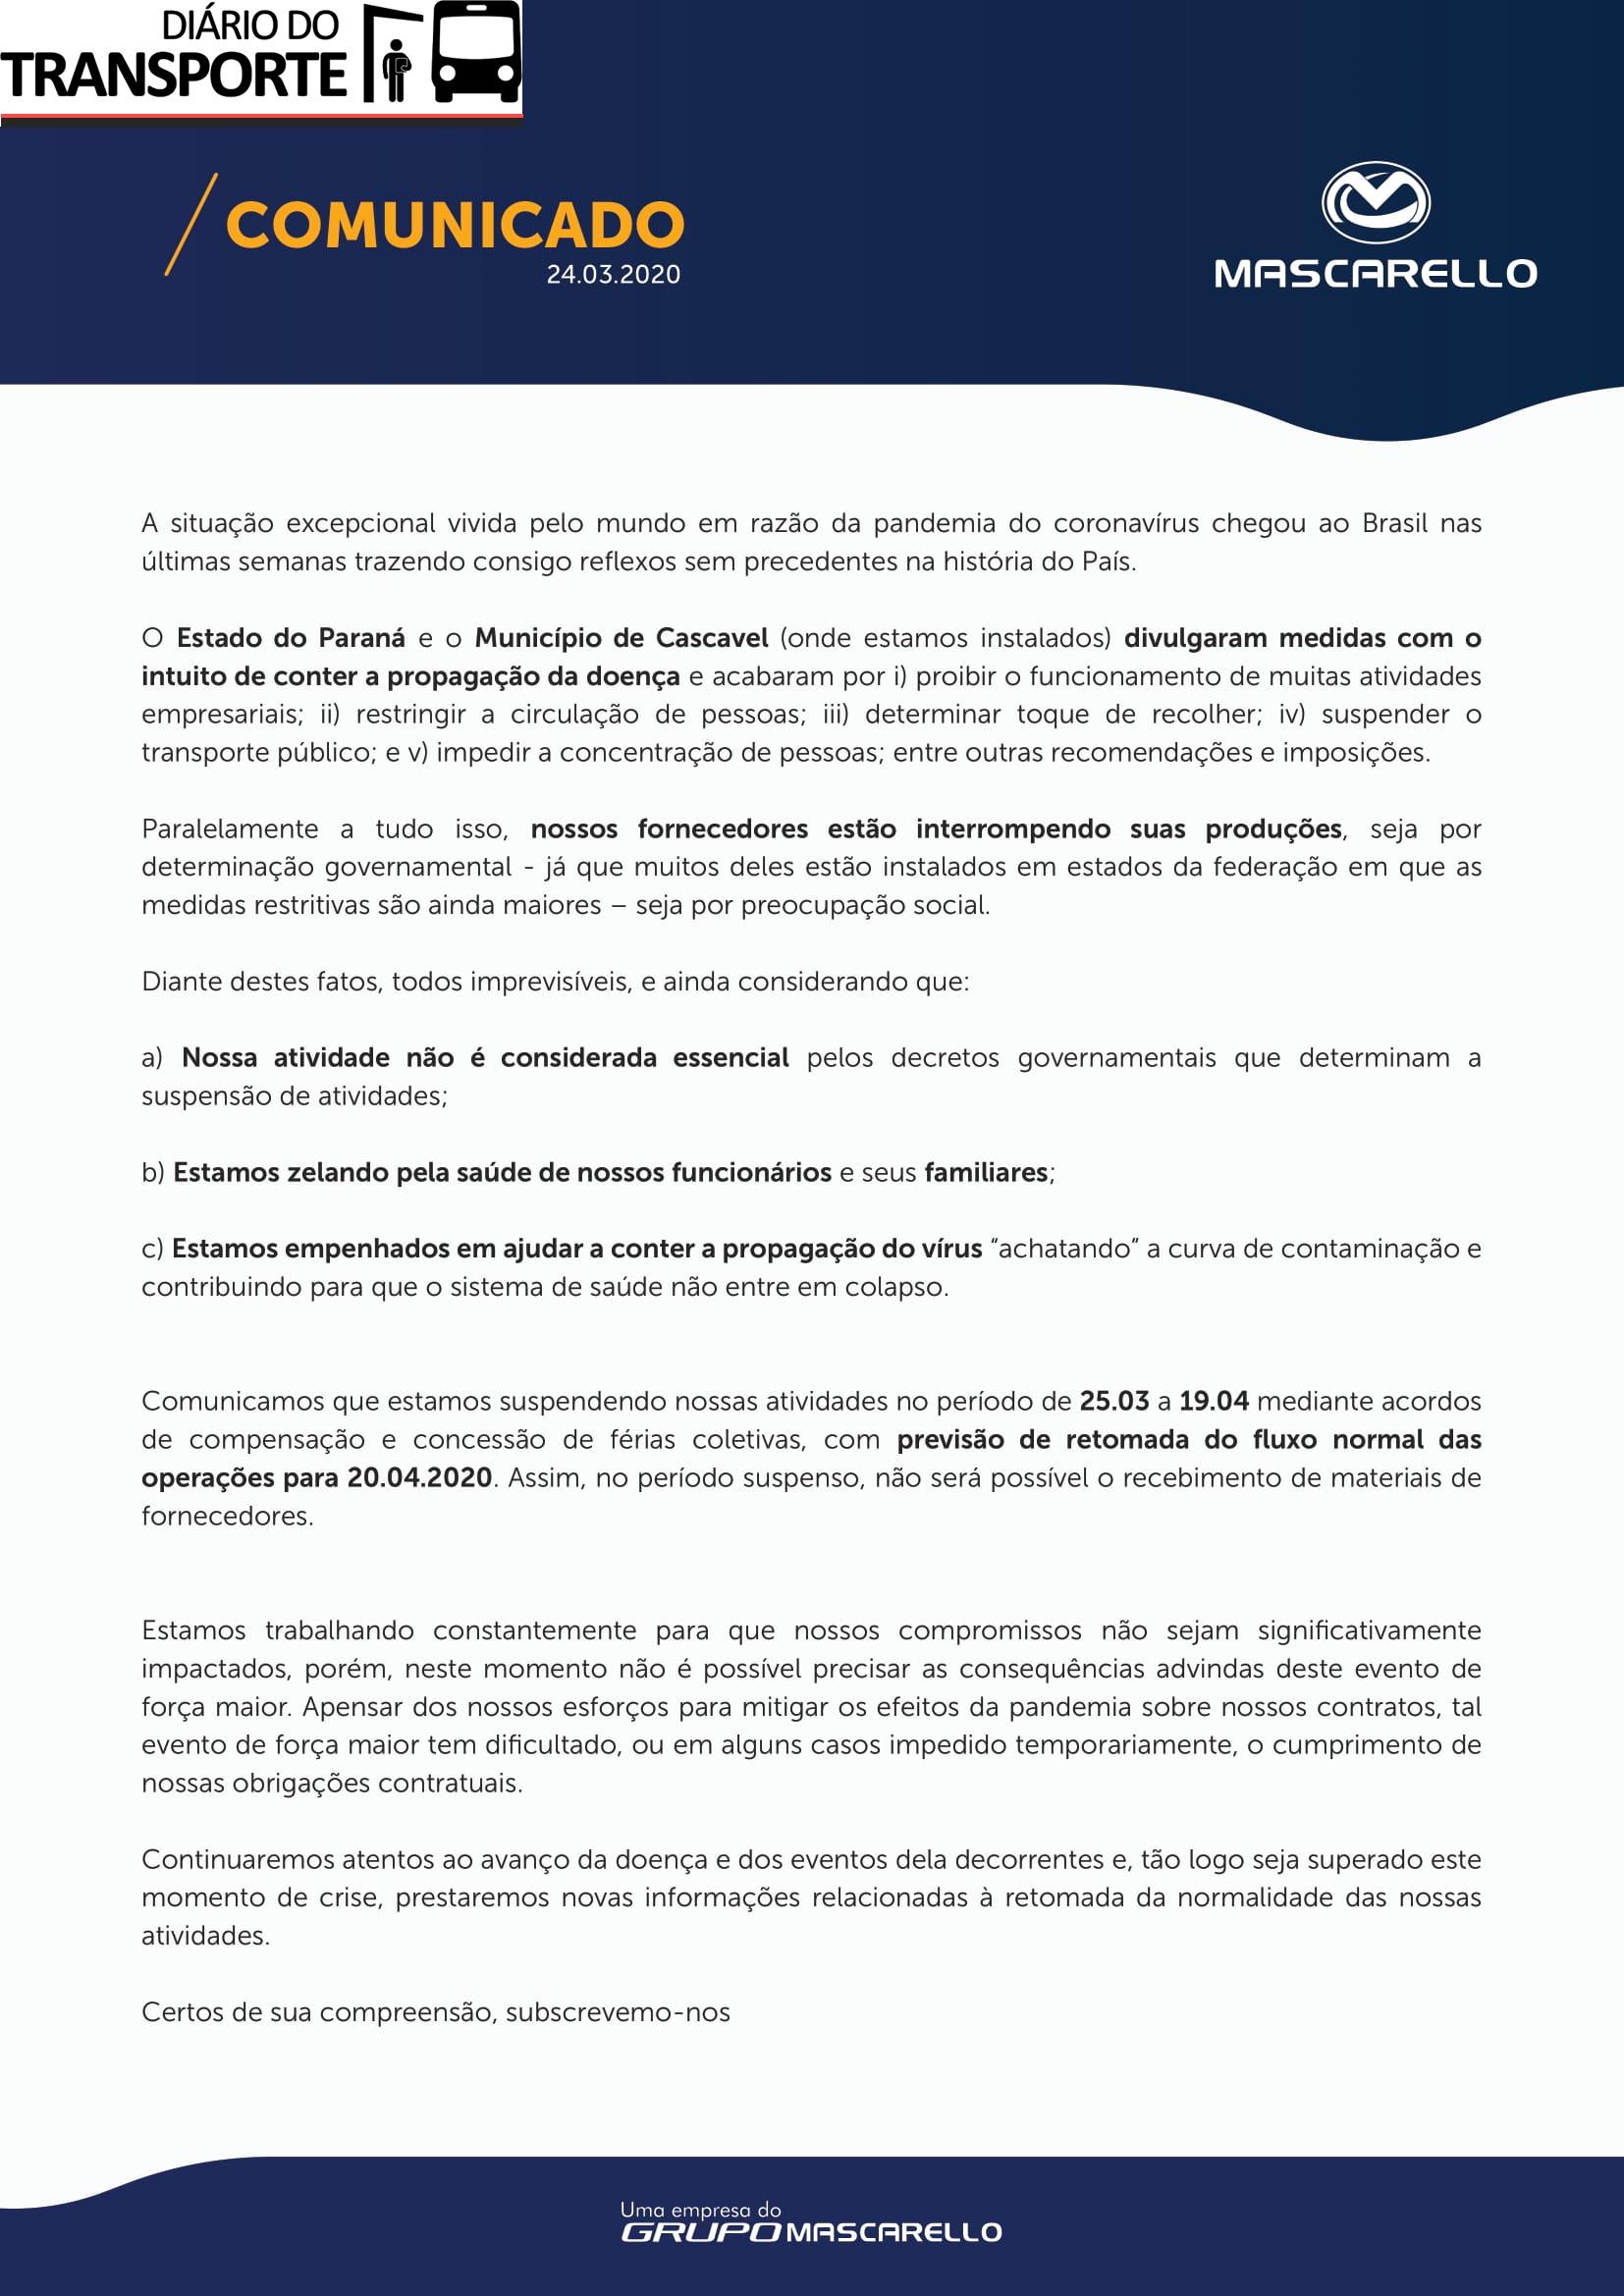 COMUNICADO-MASCARELLO-1